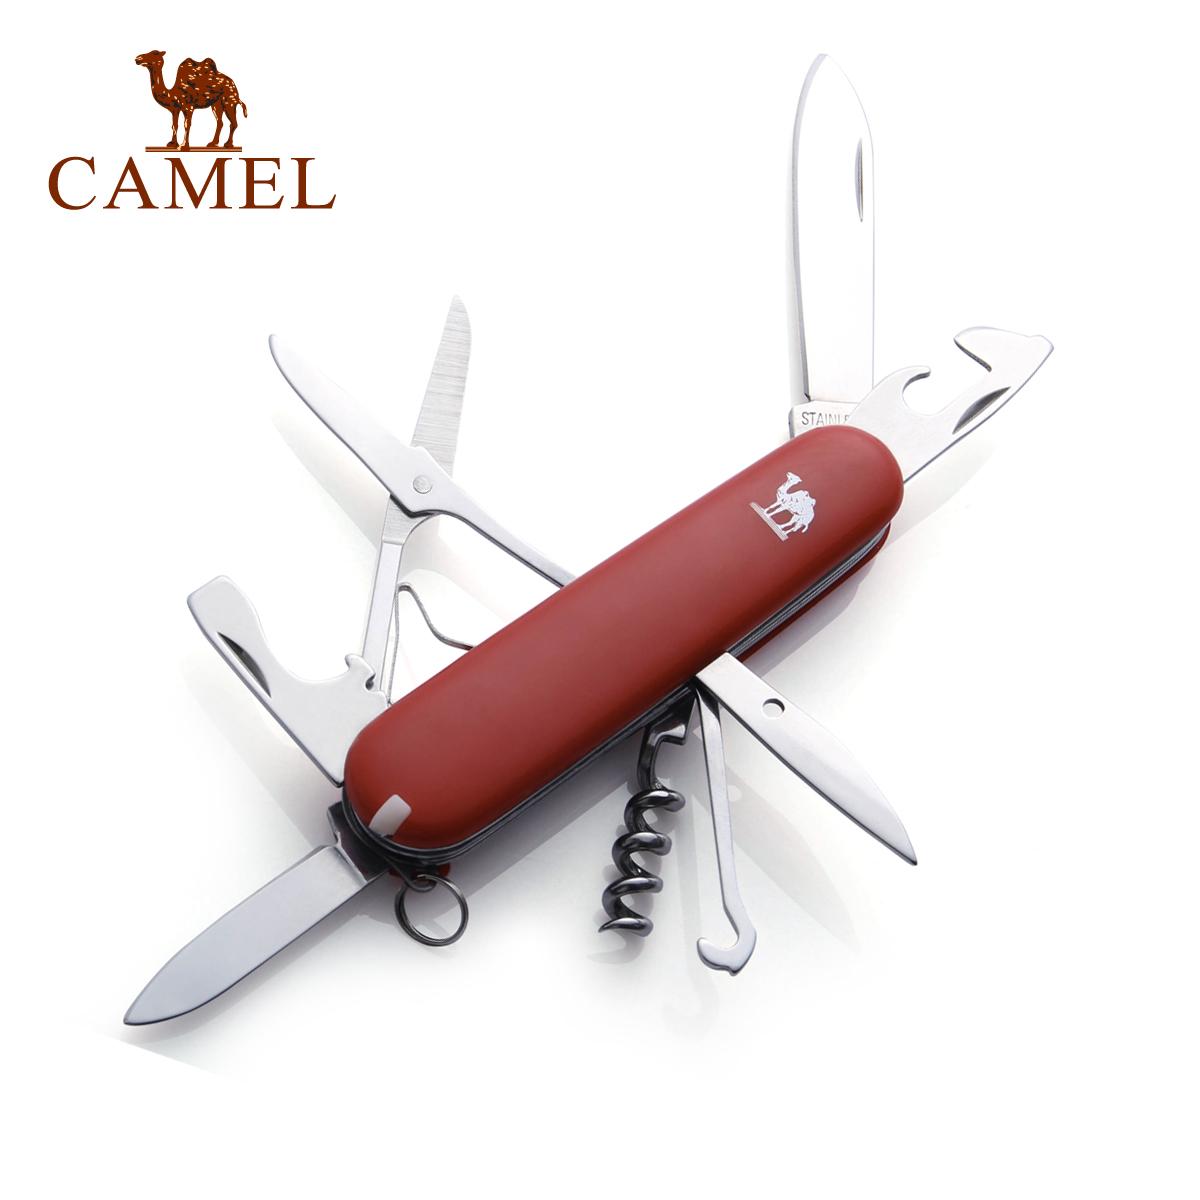 Мультитул Camel 2sa9002